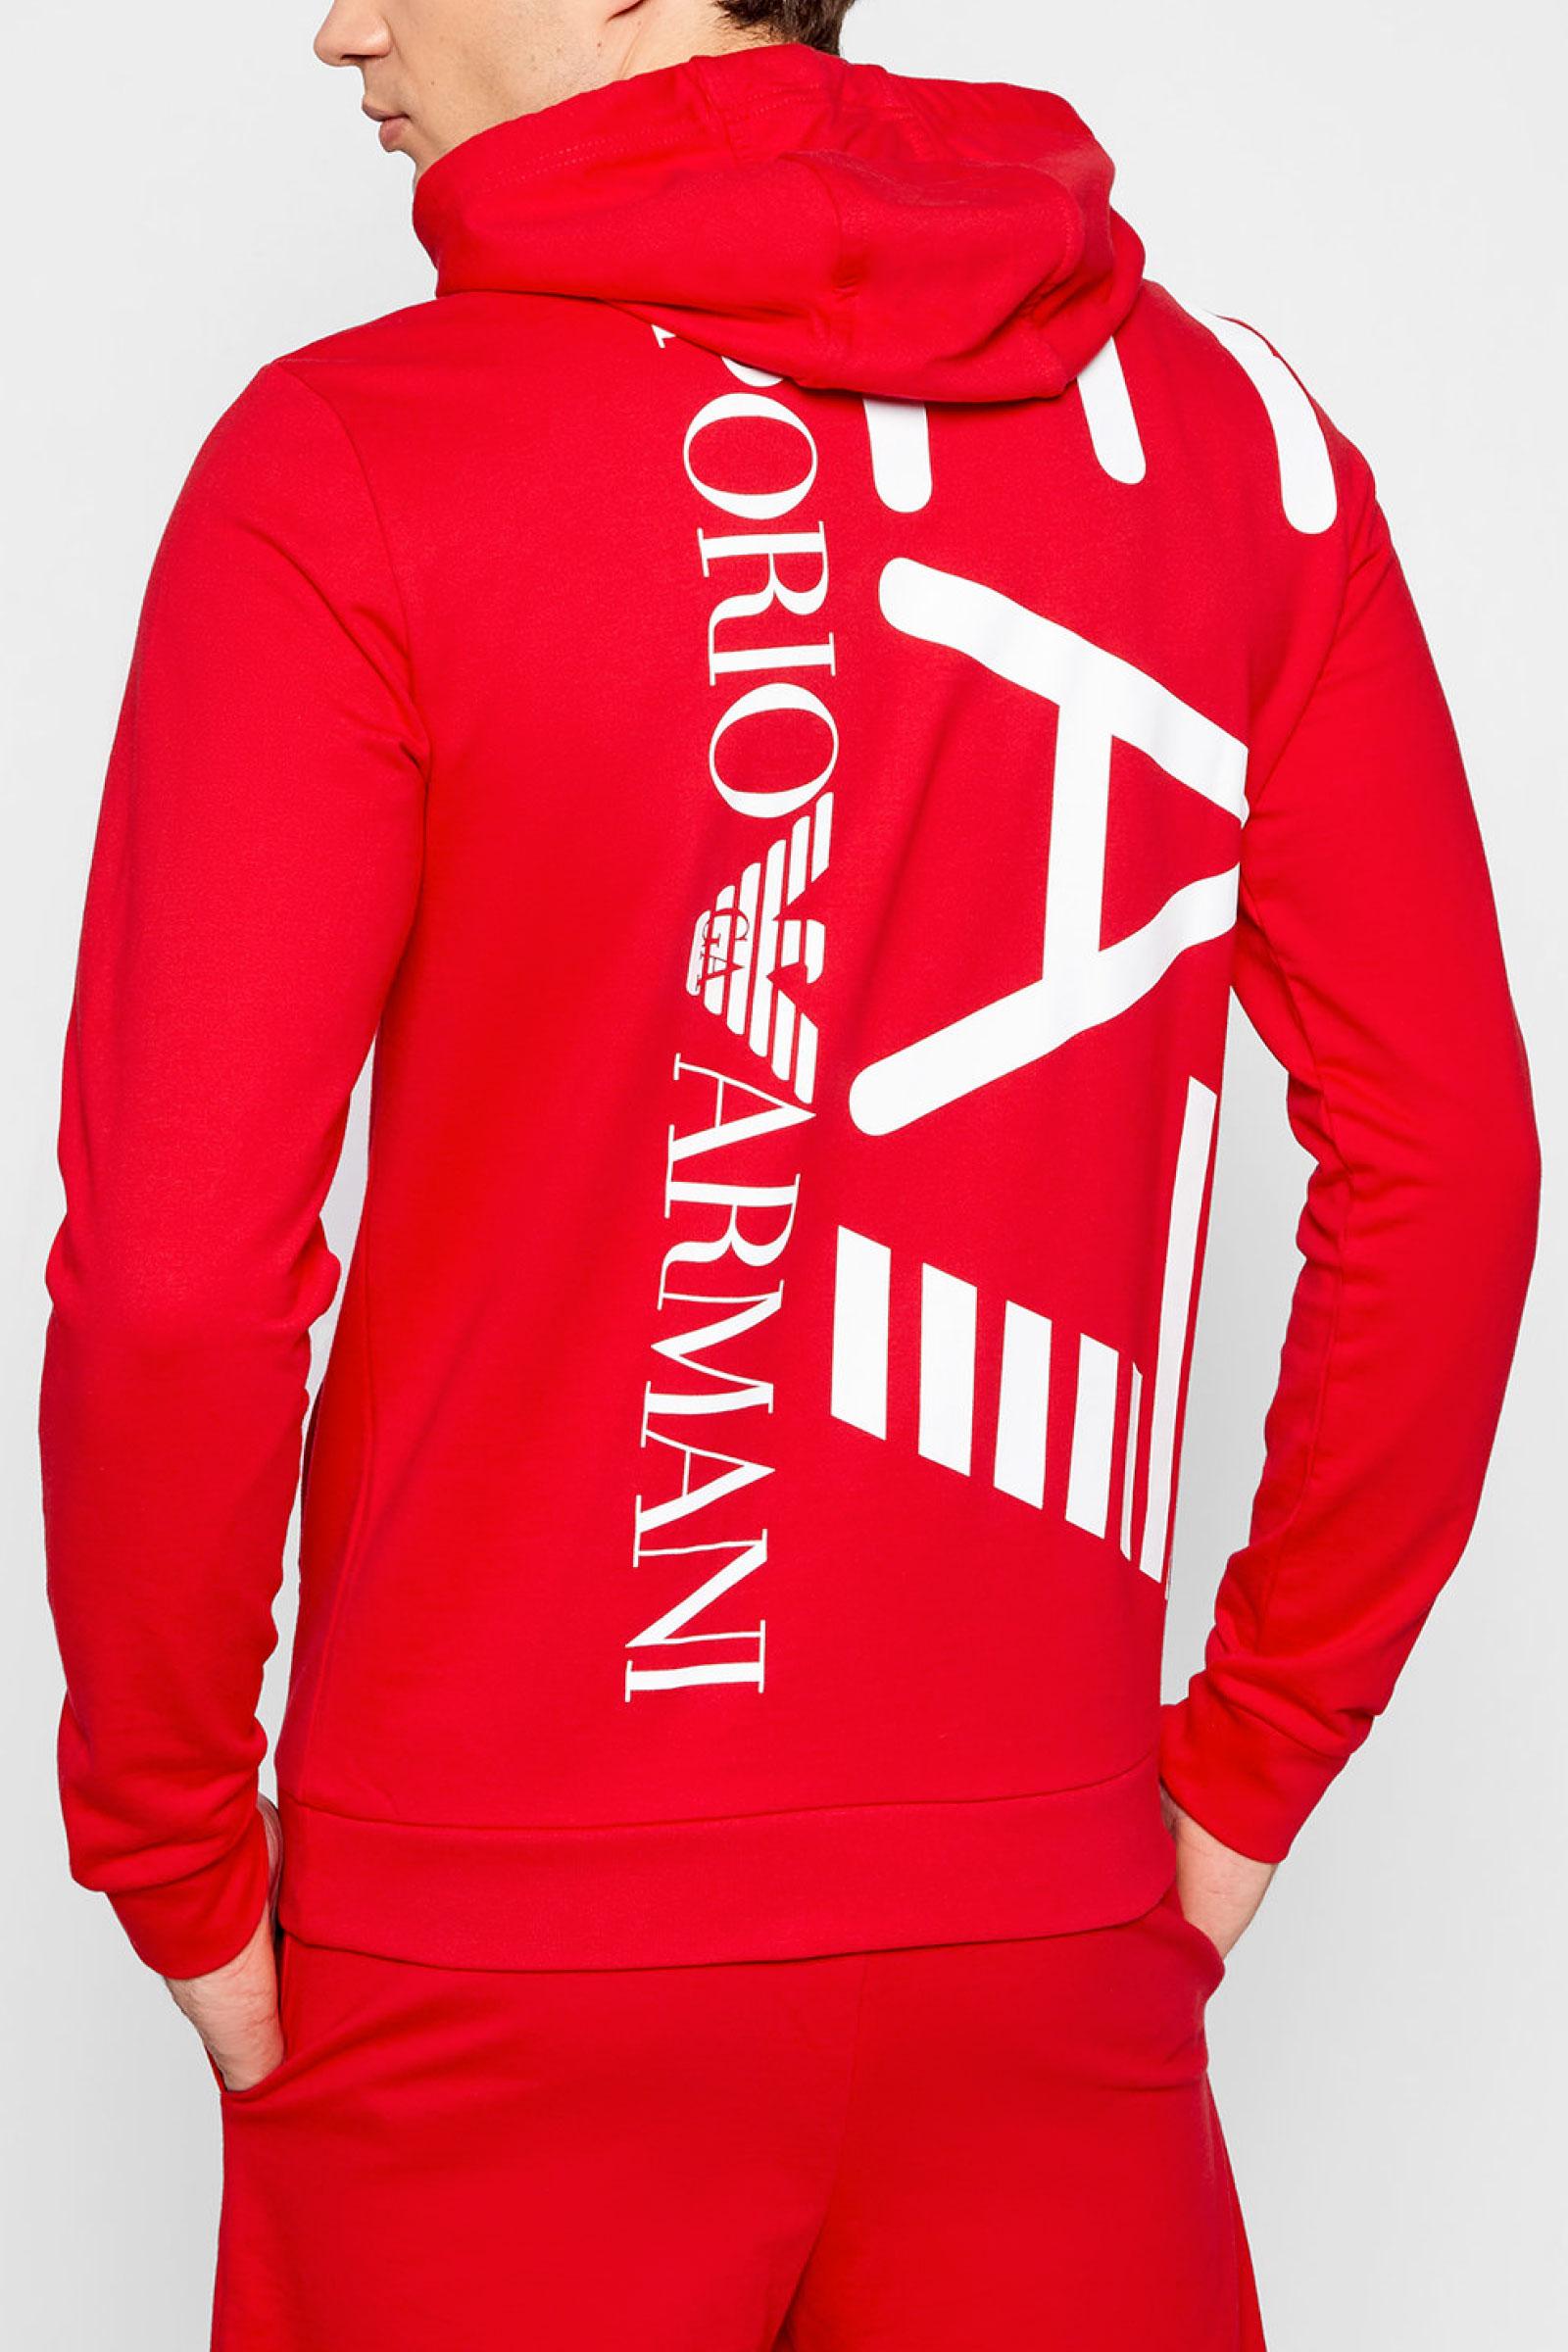 ARMANI EA7 Men's Sweatshirt ARMANI EA7 | Sweatshirt | 3KPM31 PJ8LZ1451